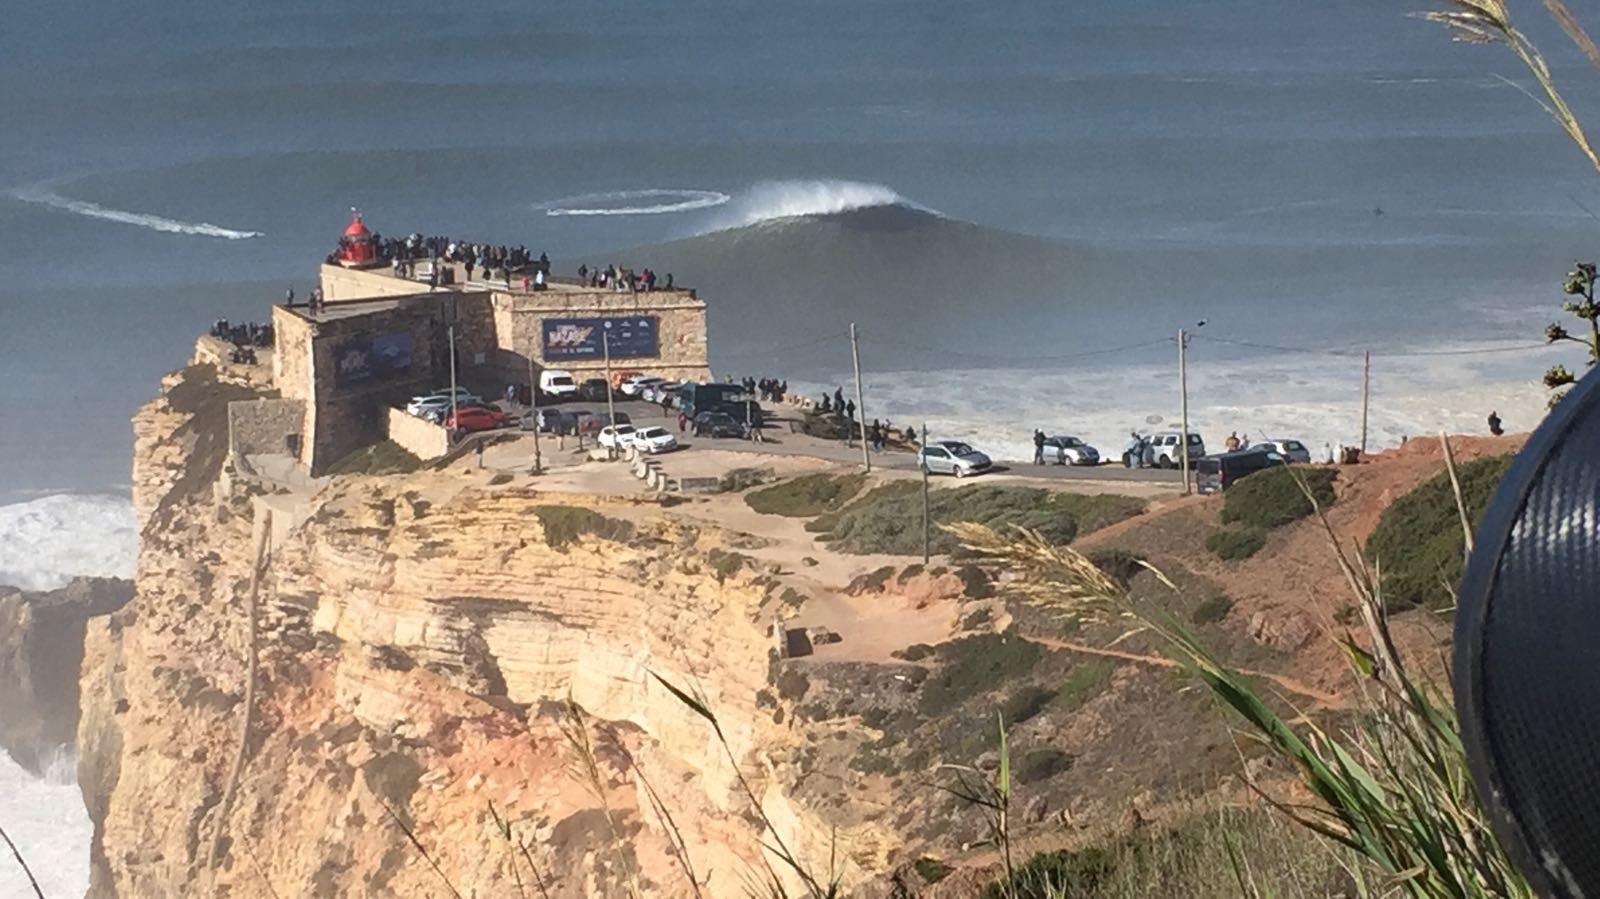 Na nova 'Cilada do Gordo', Brasileiros encararam o desafio de surfar a maior onda do mundo em um big sup (Foto: Canal Off)